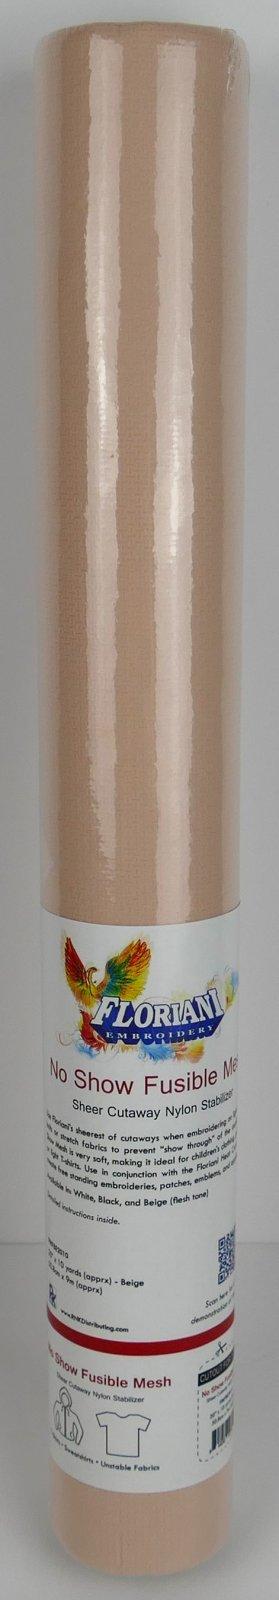 No Show Fusible Mesh - Sheer Cutaway Nylon Stabilizer : Beige - 20 x 10 yards - Floriani